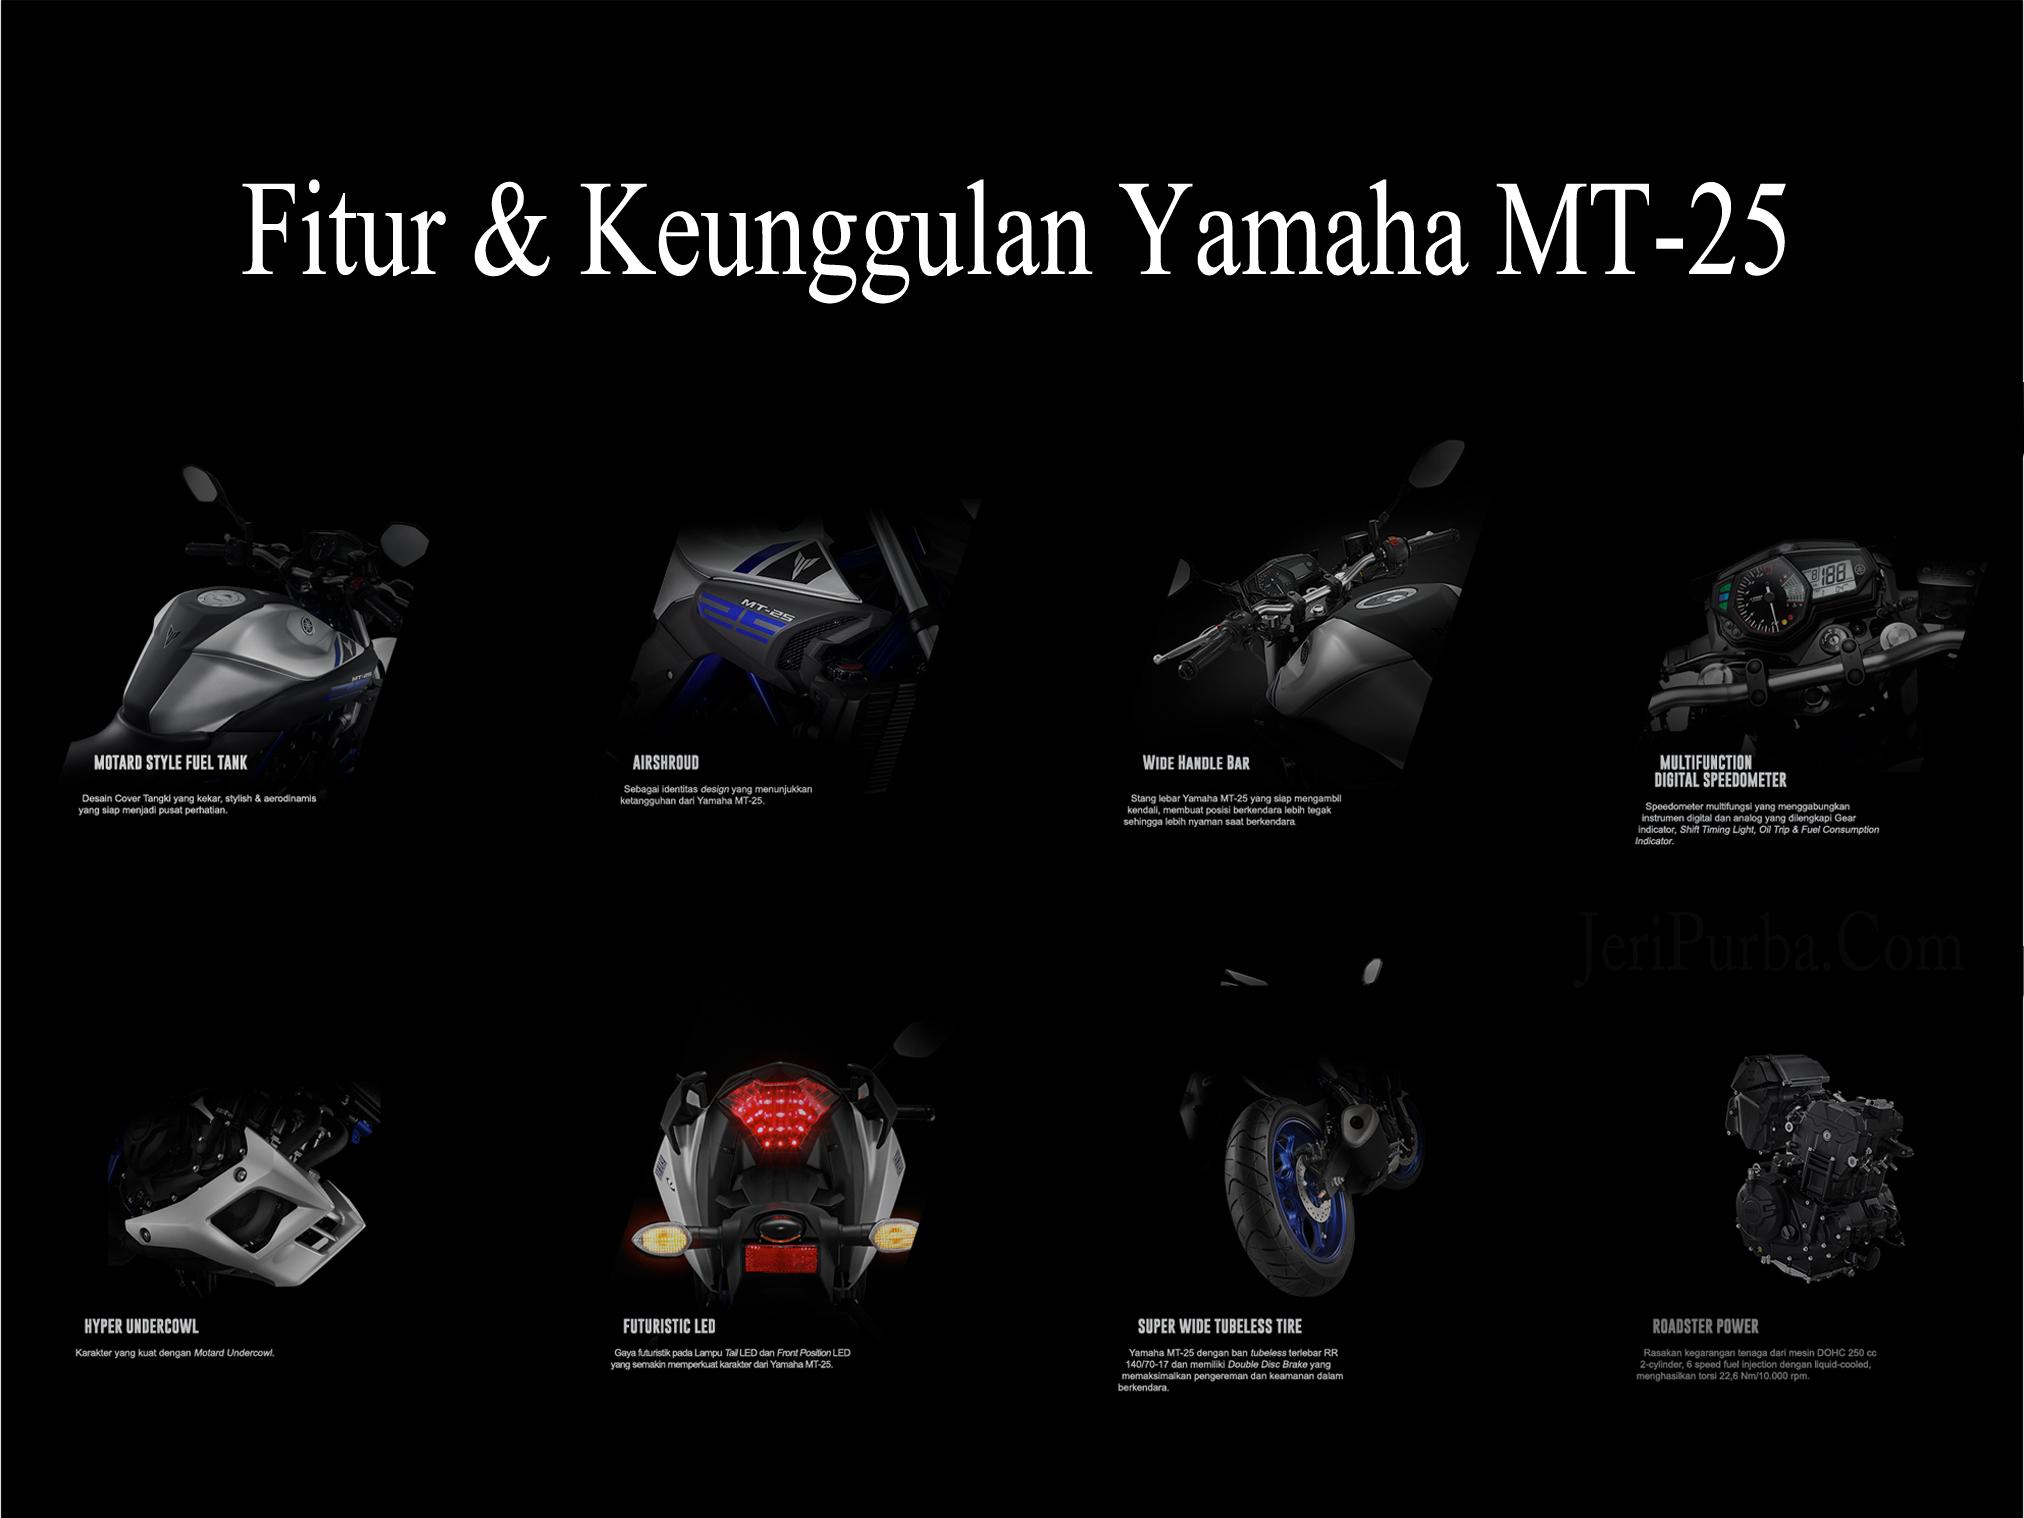 Fitur dan Keunggulan Yamaha MT-25